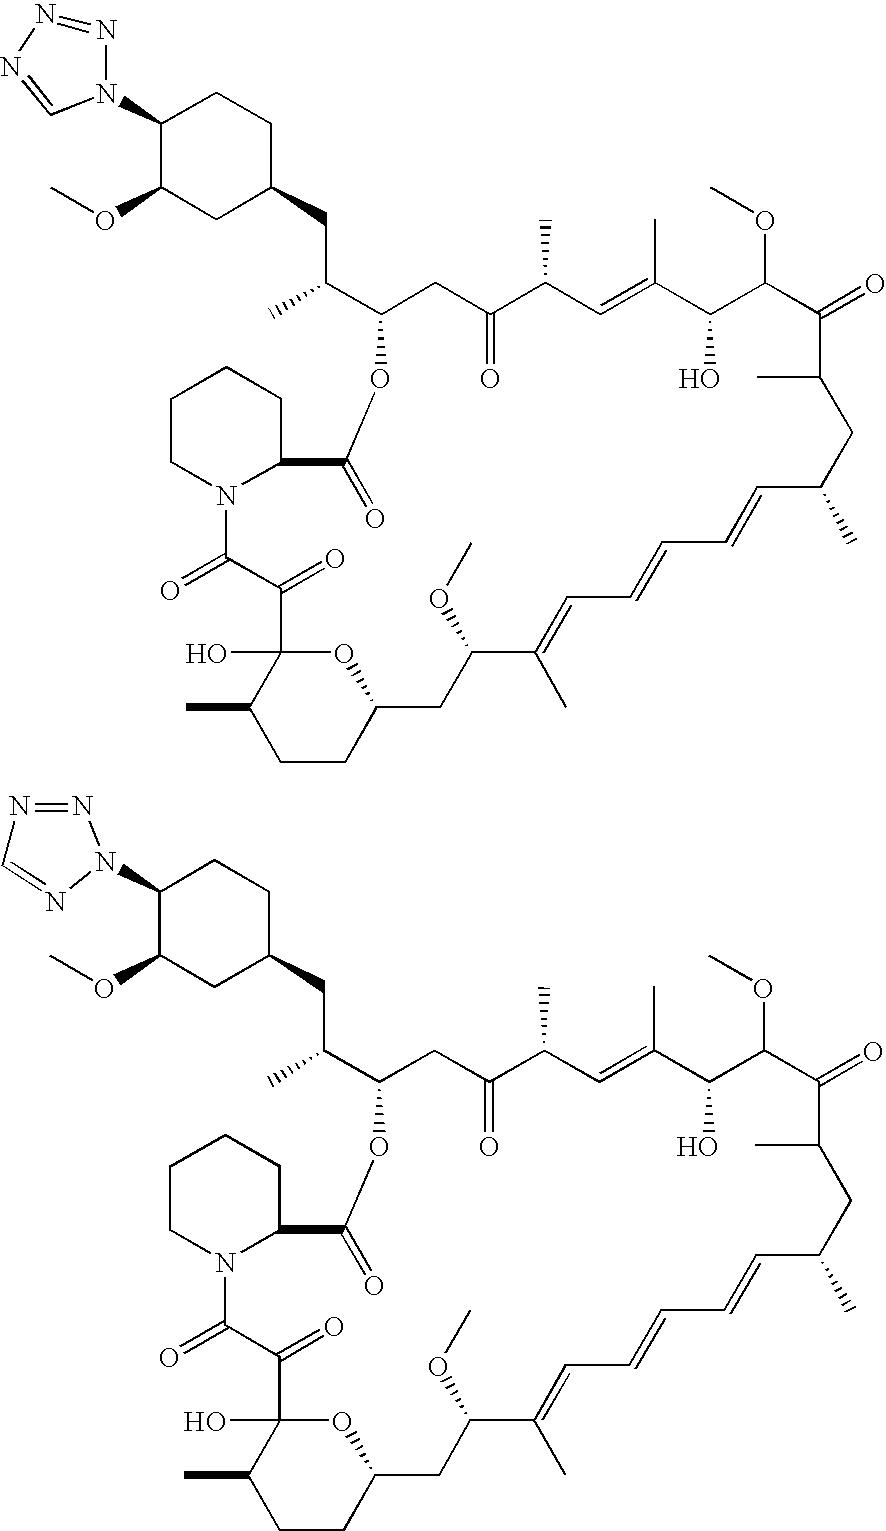 Figure US20060240070A1-20061026-C00004